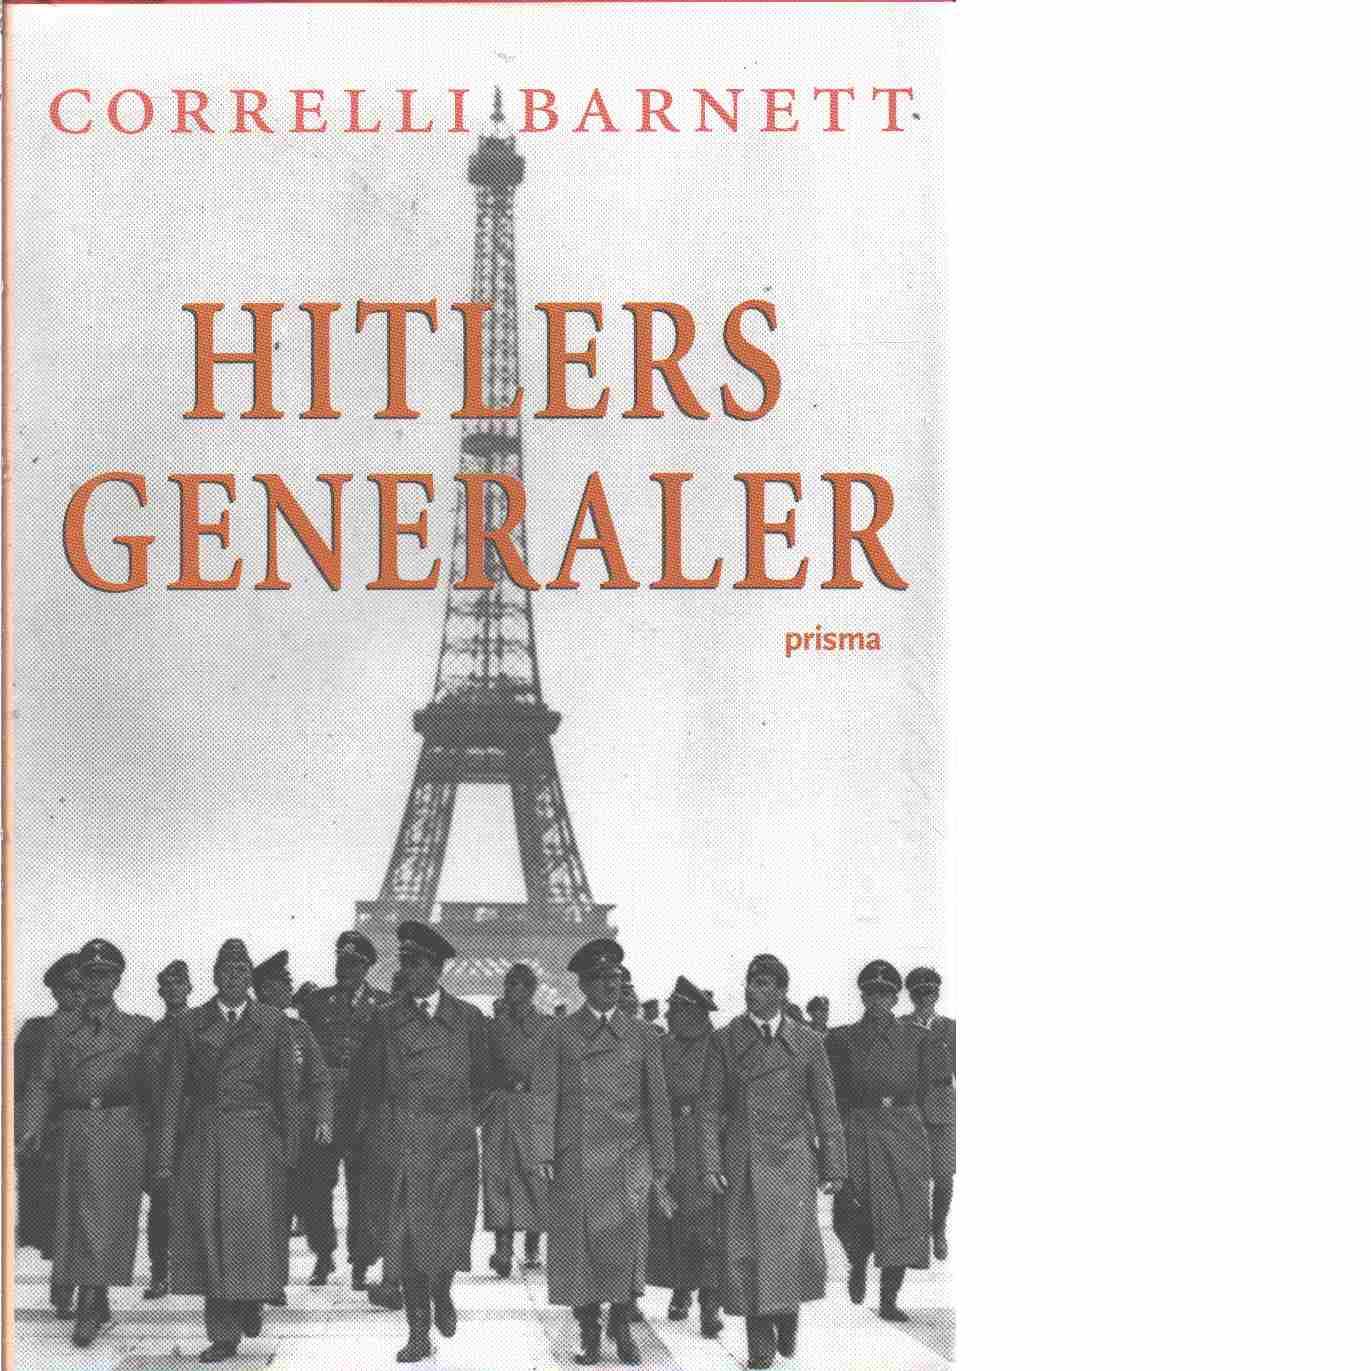 Hitlers generaler - Red. Barnett, Correlli